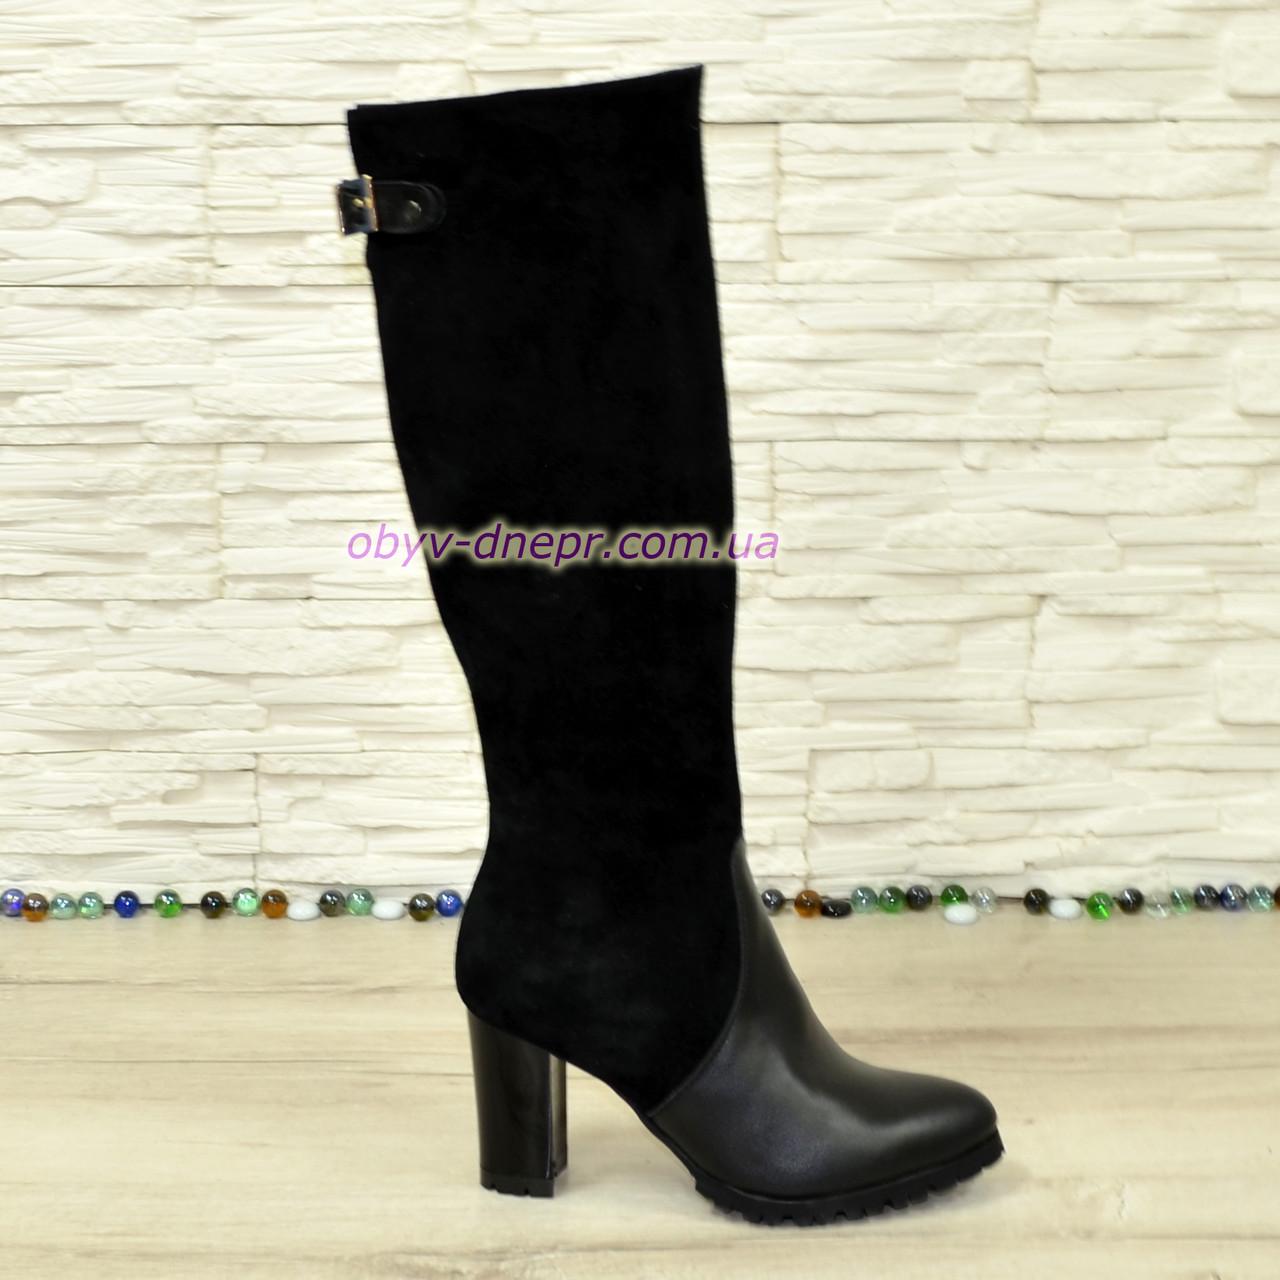 Сапоги женские зимние на устойчивом каблуке, натуральная кожа и замша.